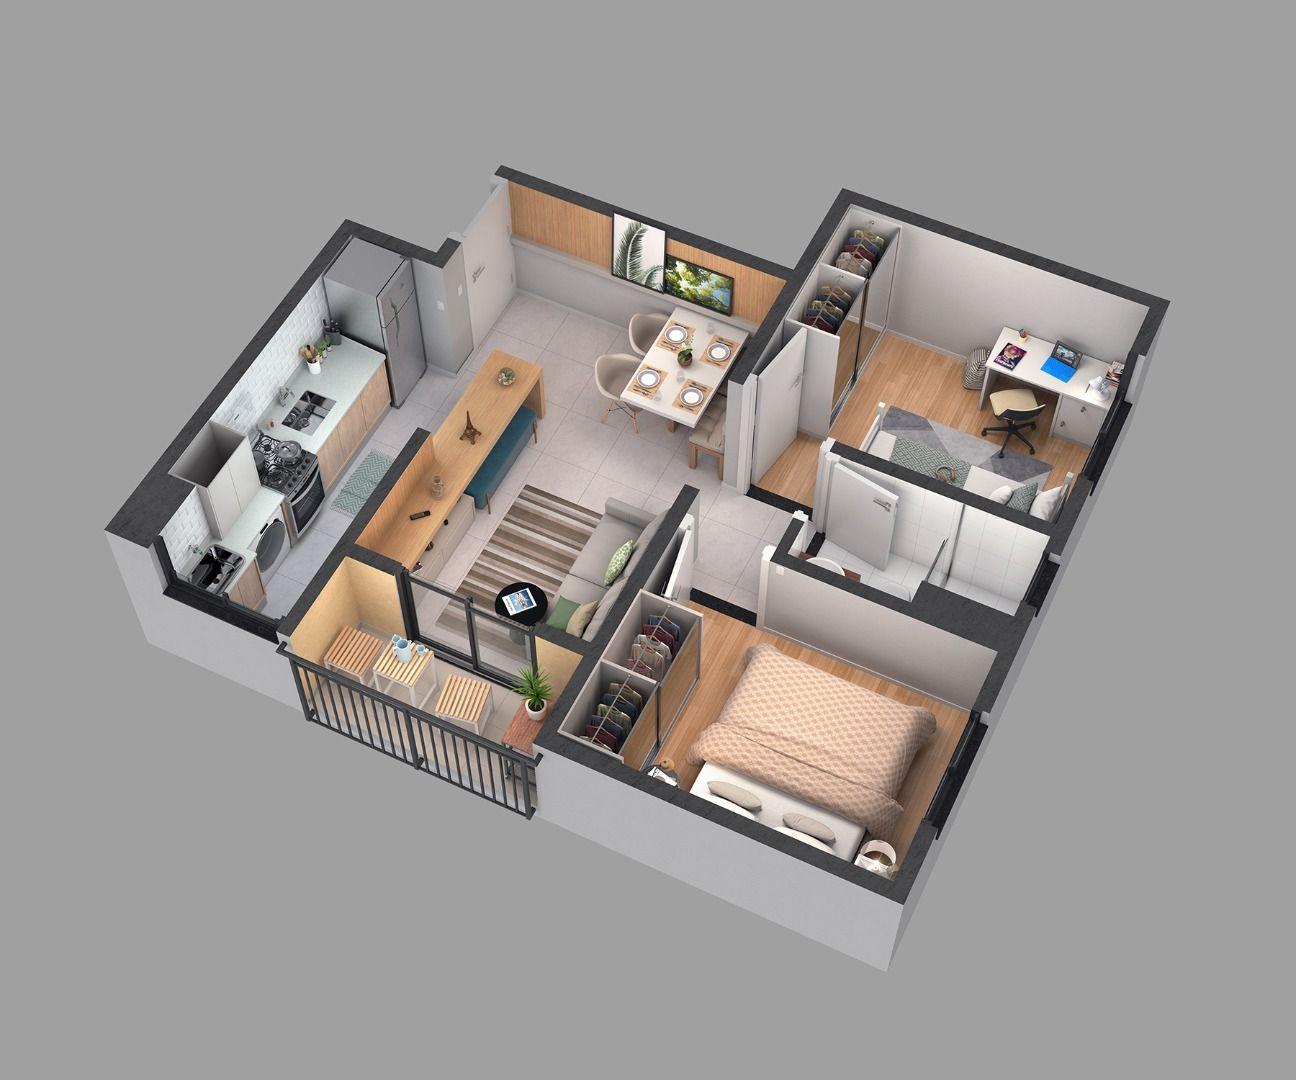 42 M² - 2 QUARTOS. Cozinha integrada à sala com acesso ao terraço. Destaque para o aparador que se transforma em bancada americana de apoio à cozinha.